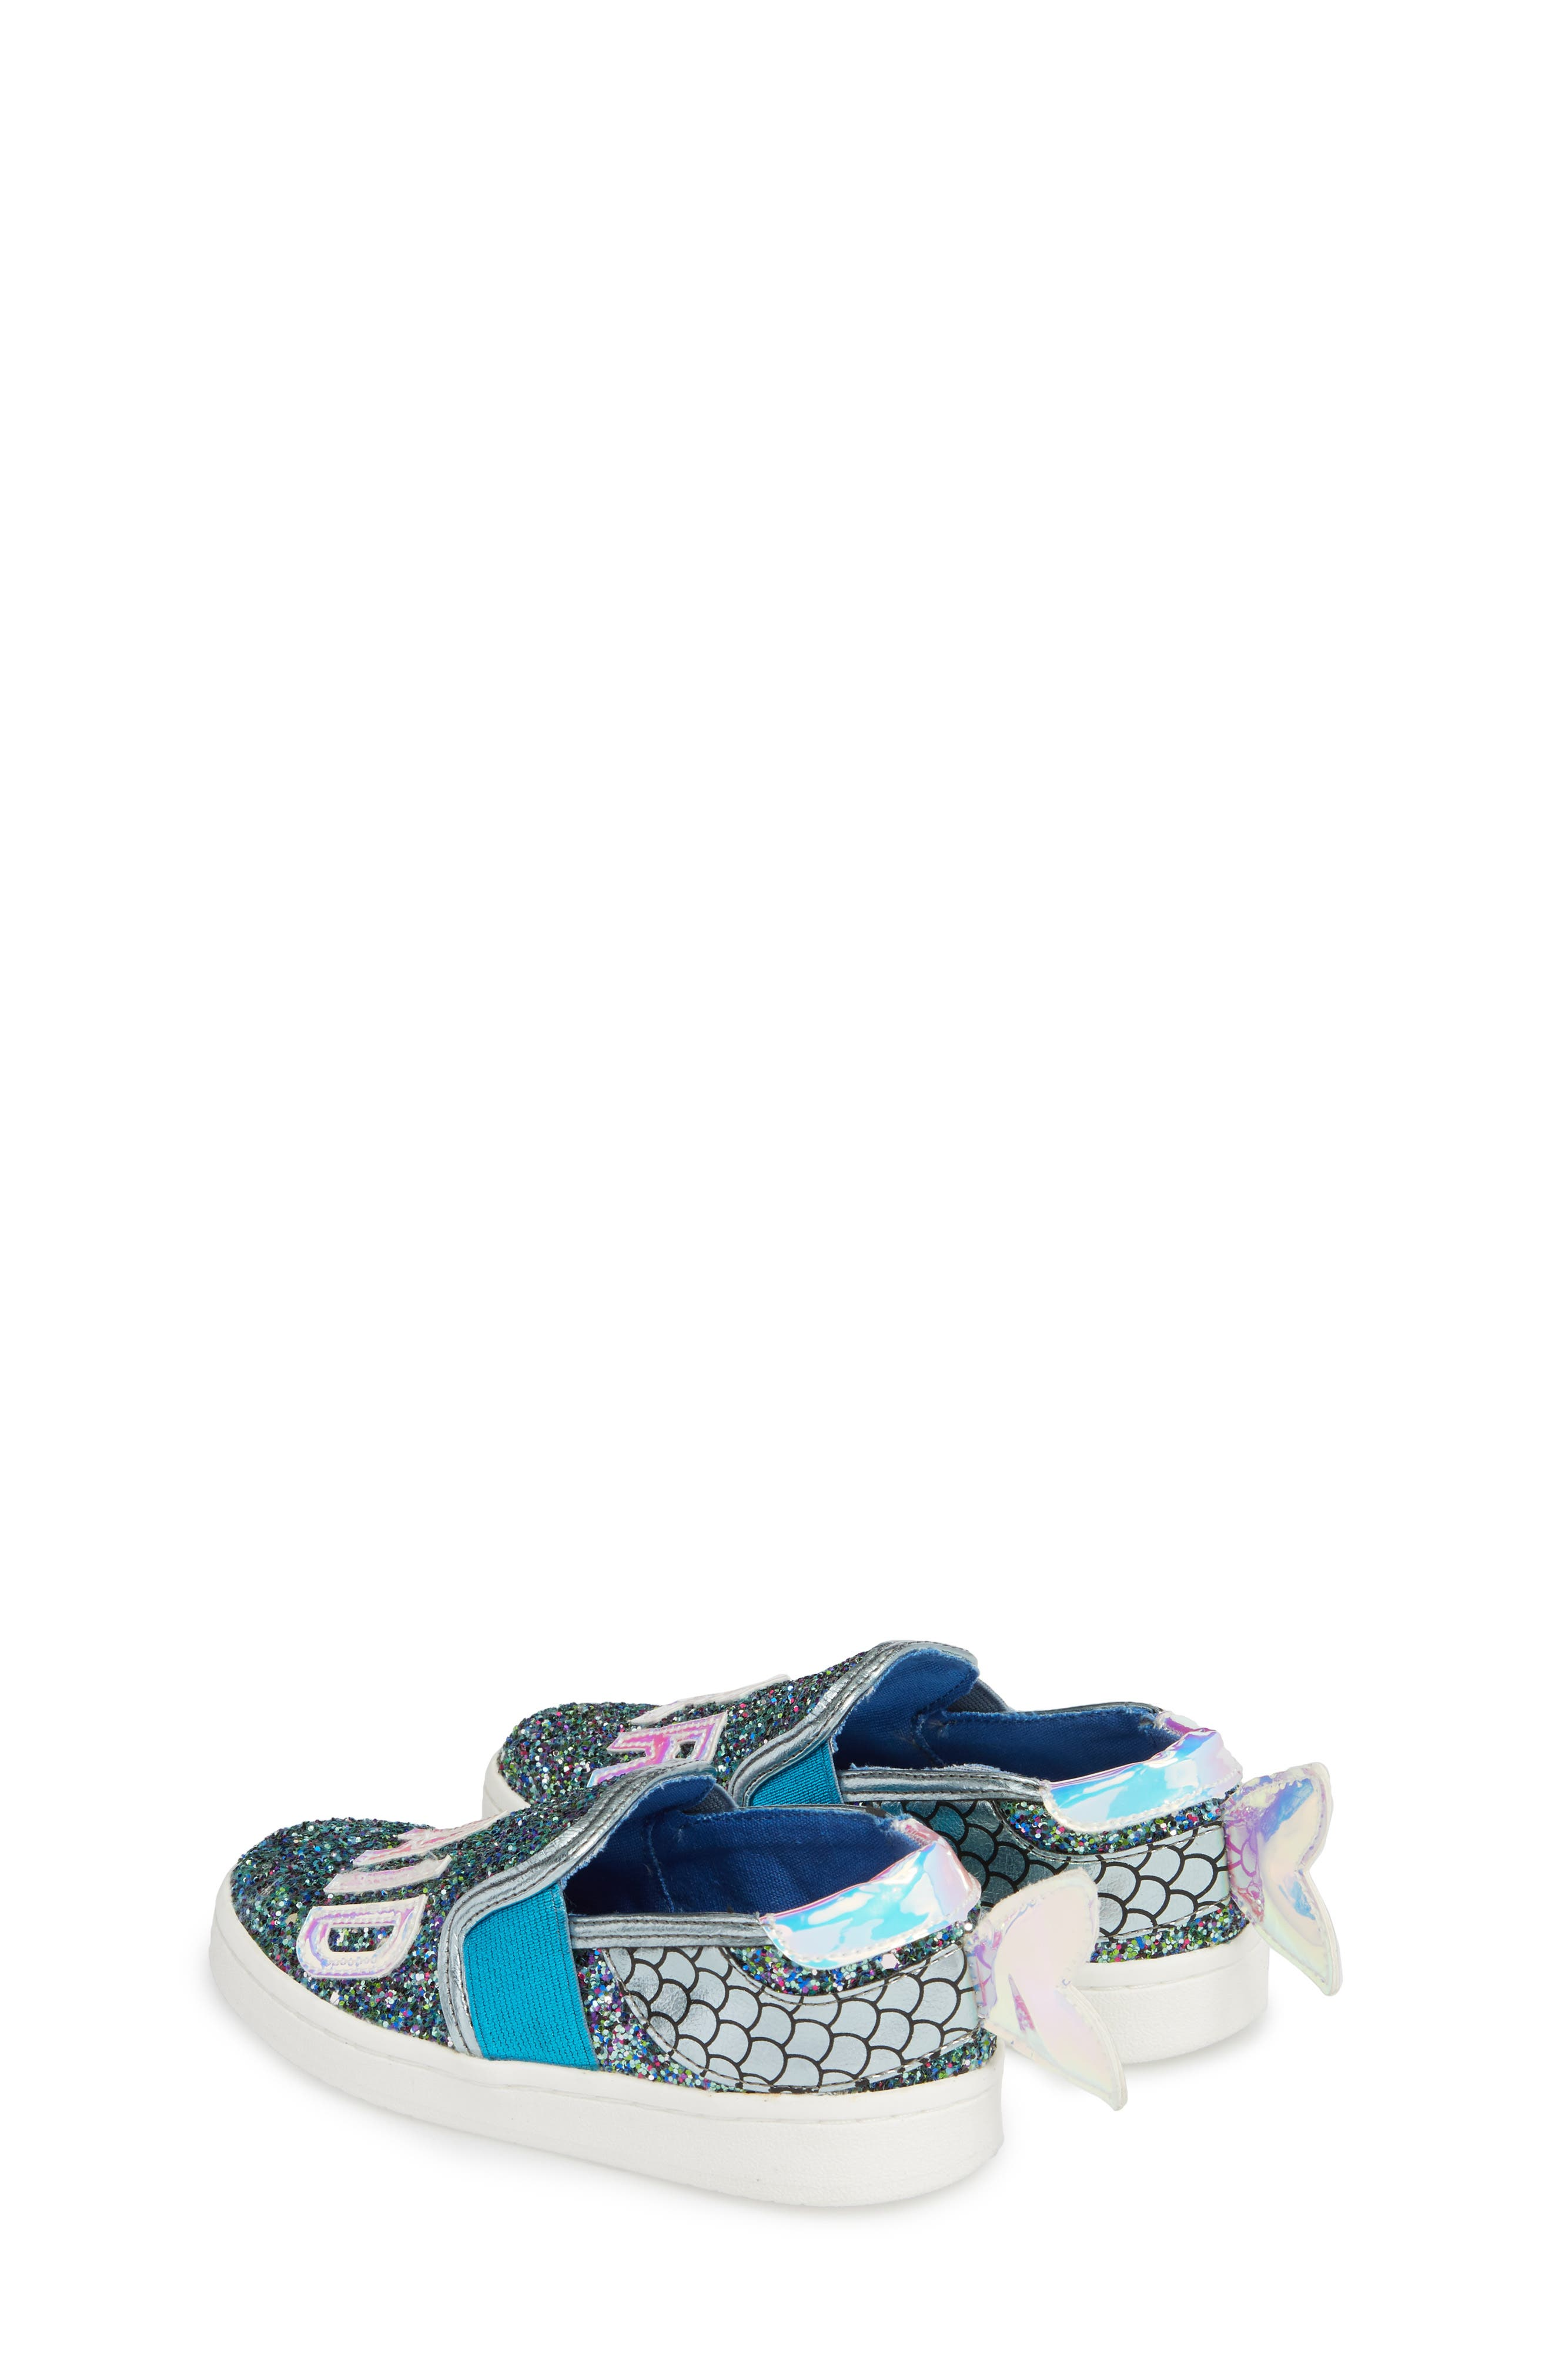 Blane Slip-On Sneaker,                             Alternate thumbnail 2, color,                             Blue Glitter